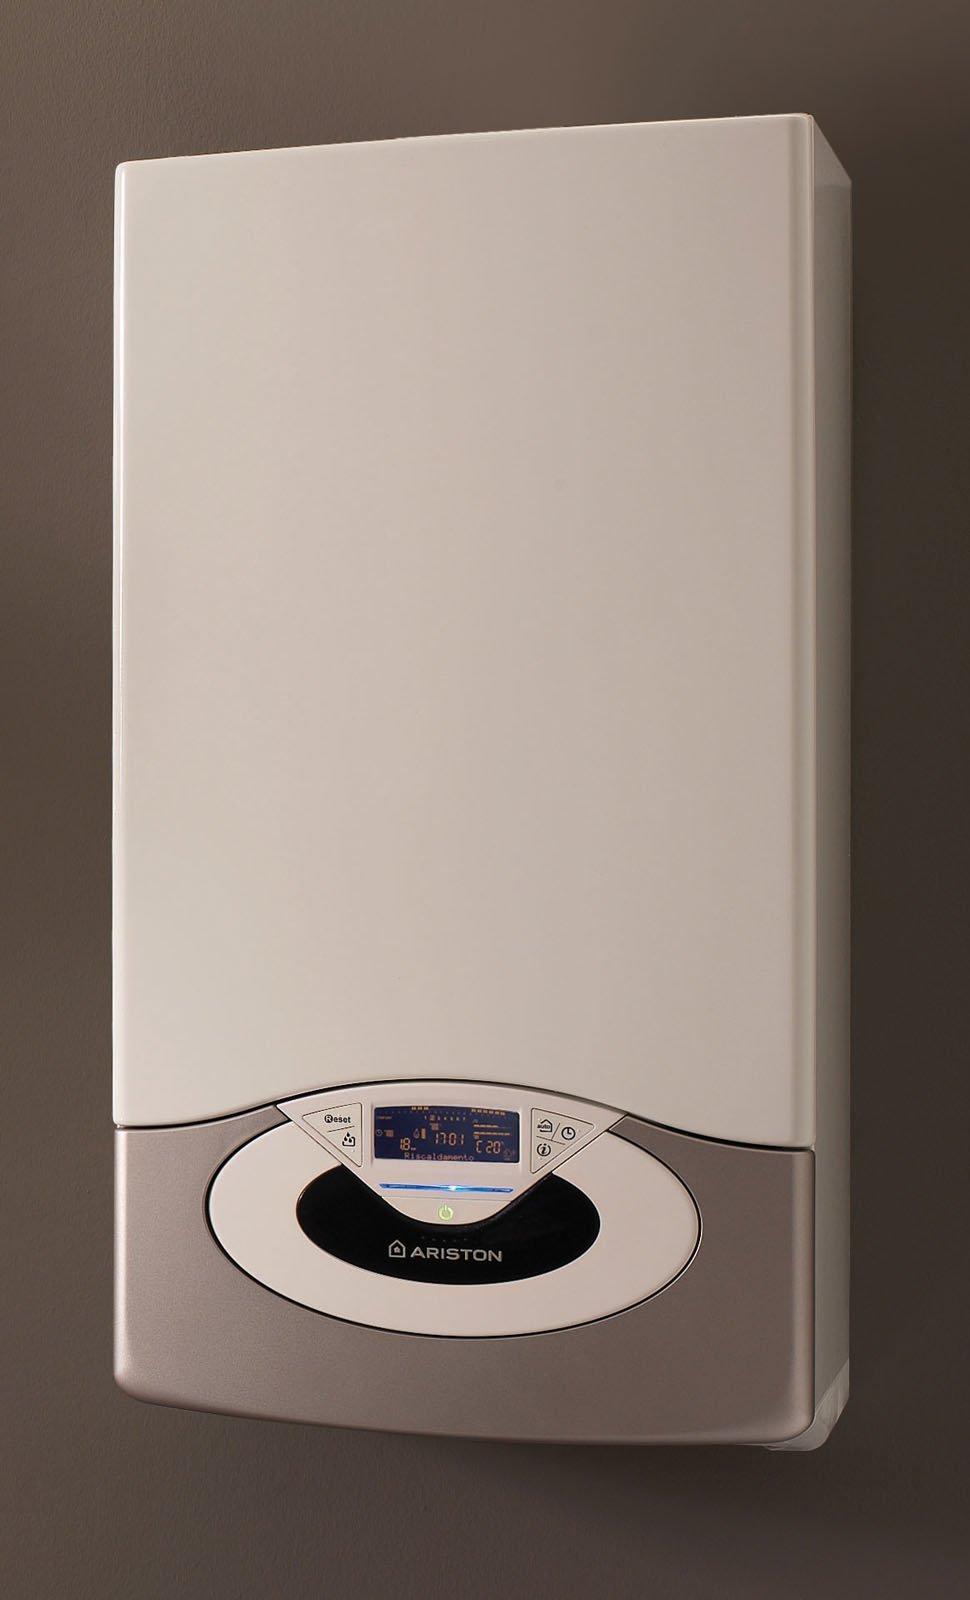 Caldaia ariston a condensazione condizionatore manuale for Istruzioni caldaia ariston